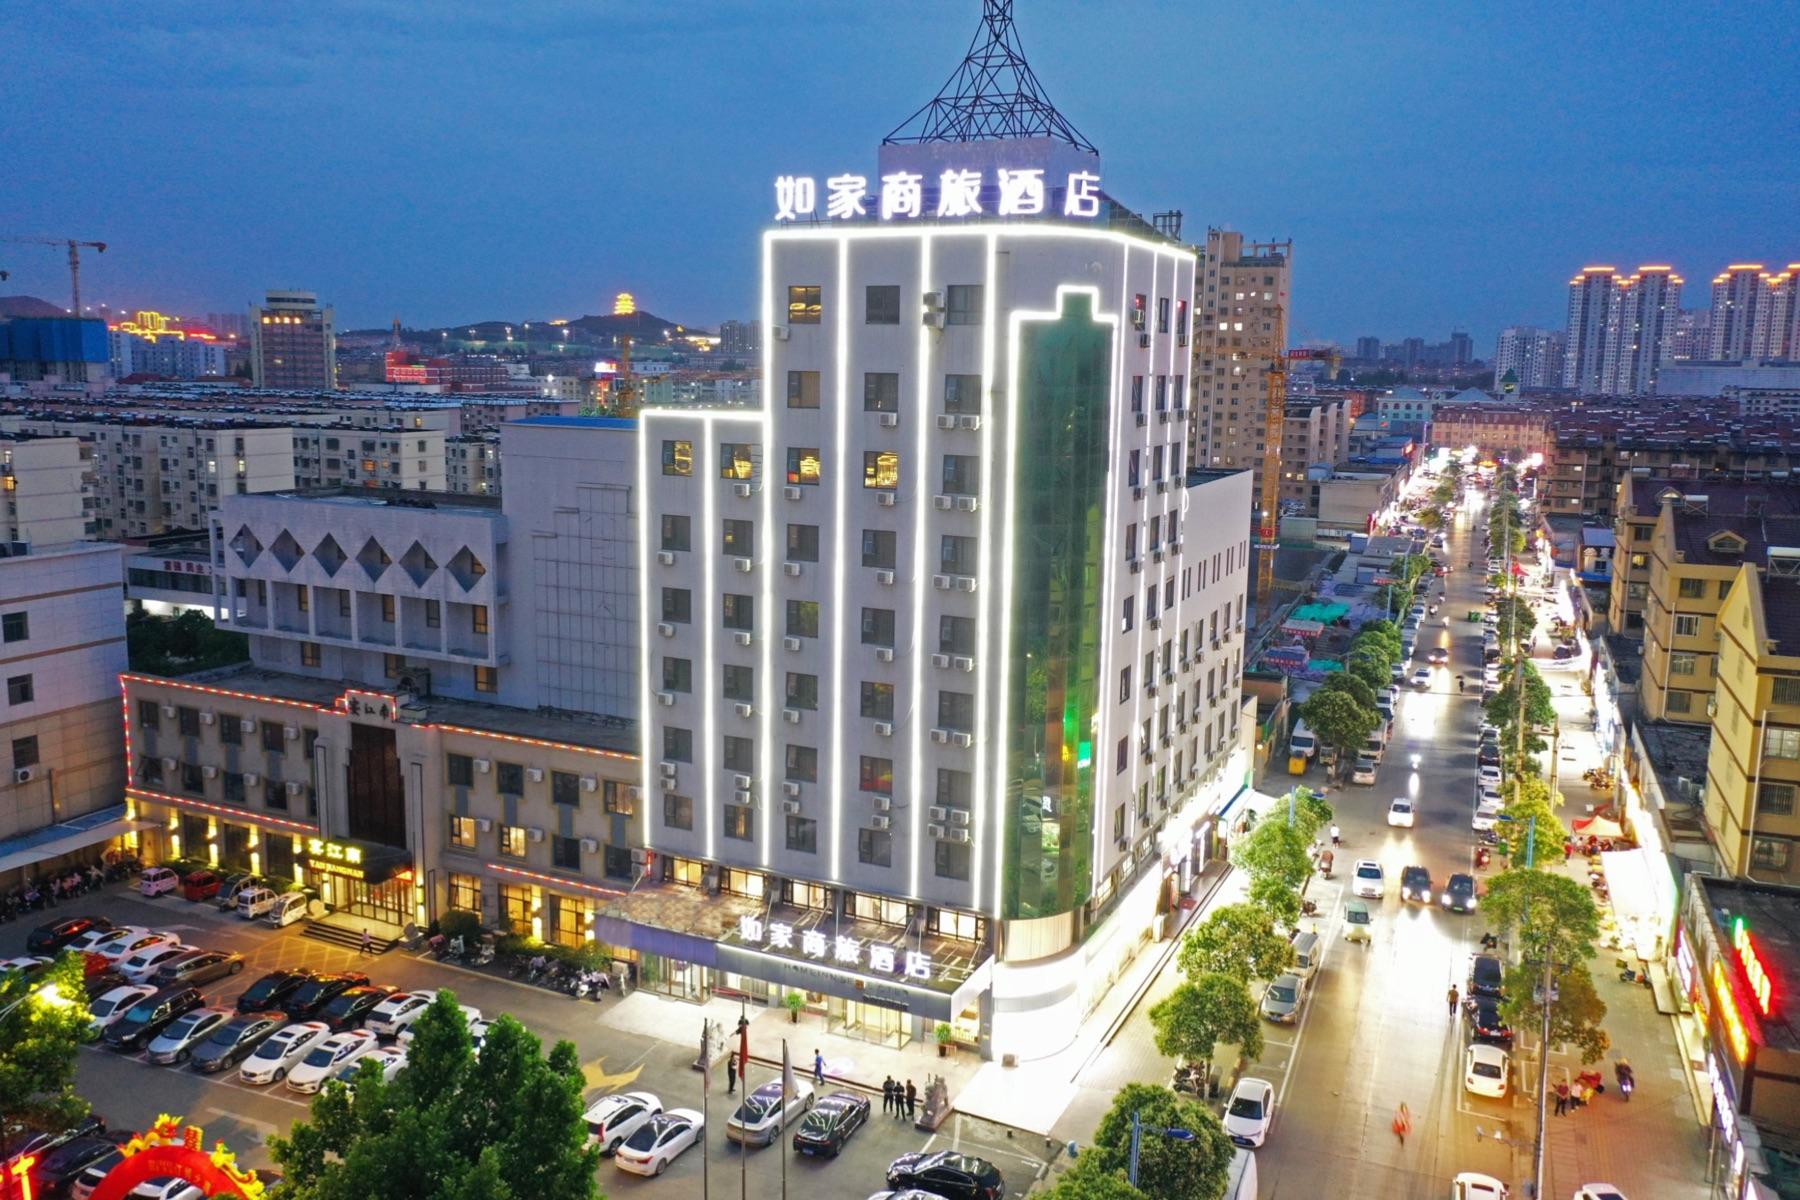 如家商旅(金标)酒店-枣庄薛城光明西路万达店